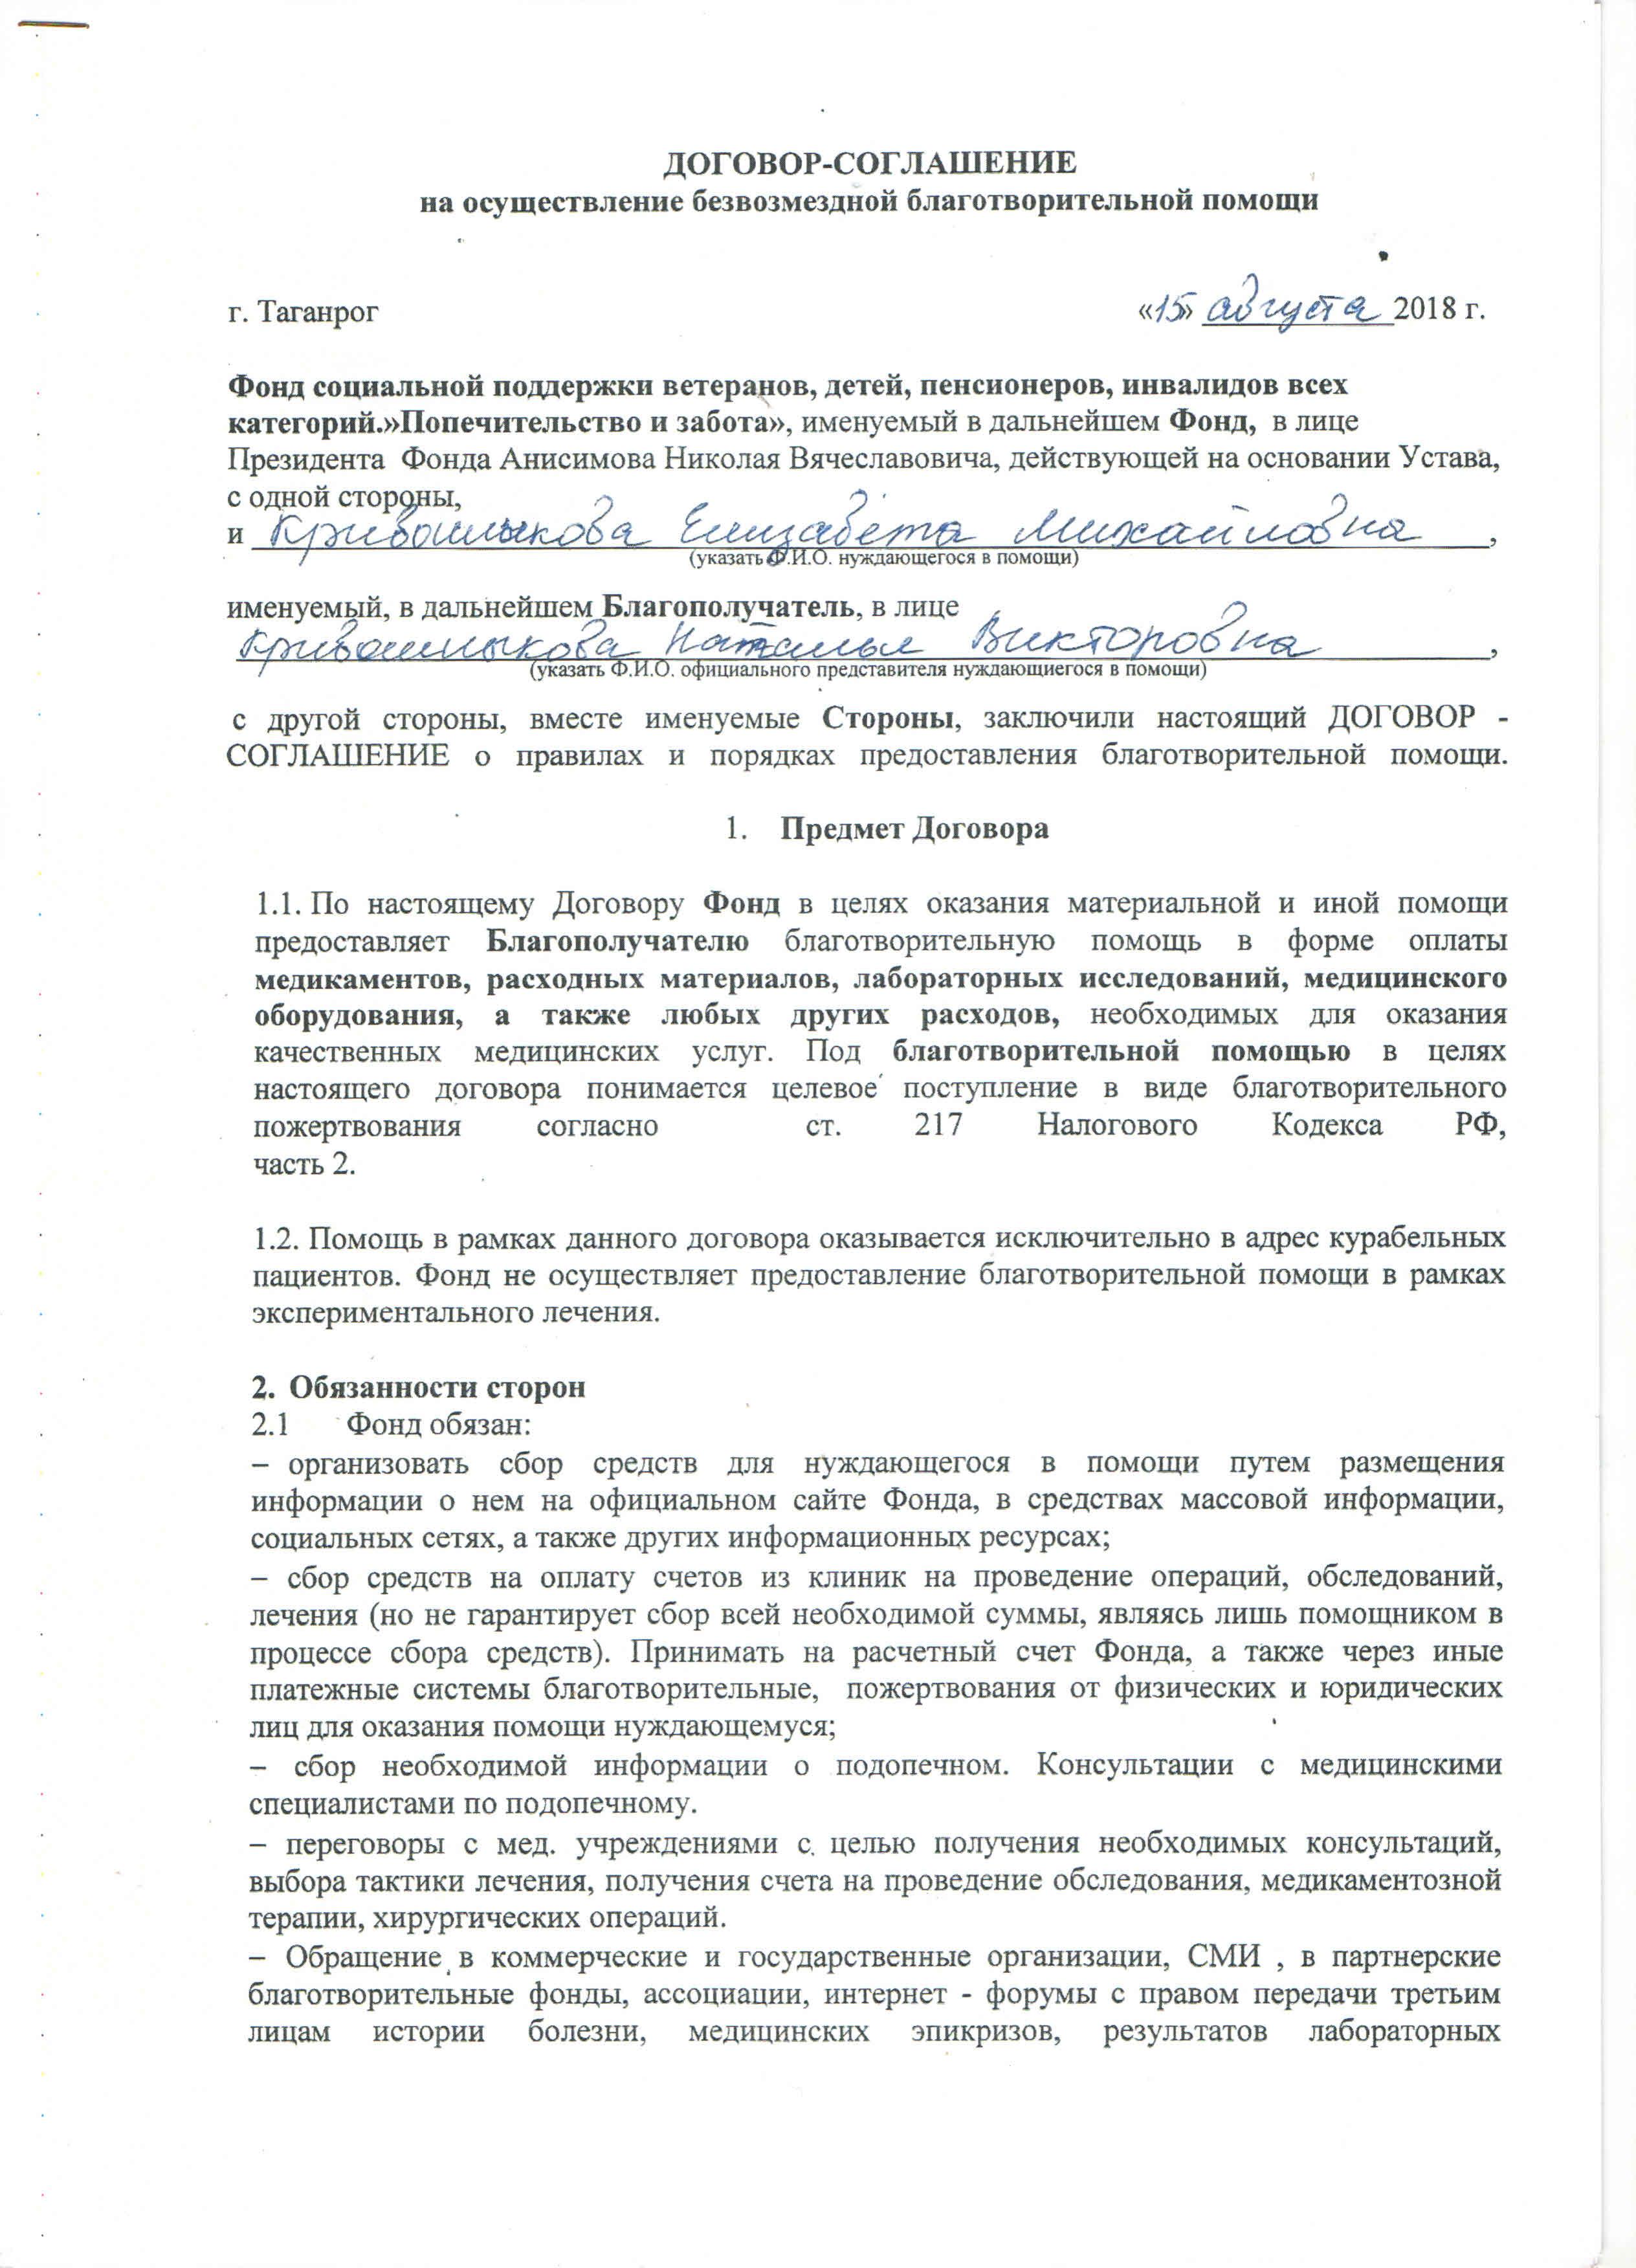 Соглашение о благотворительной помощи